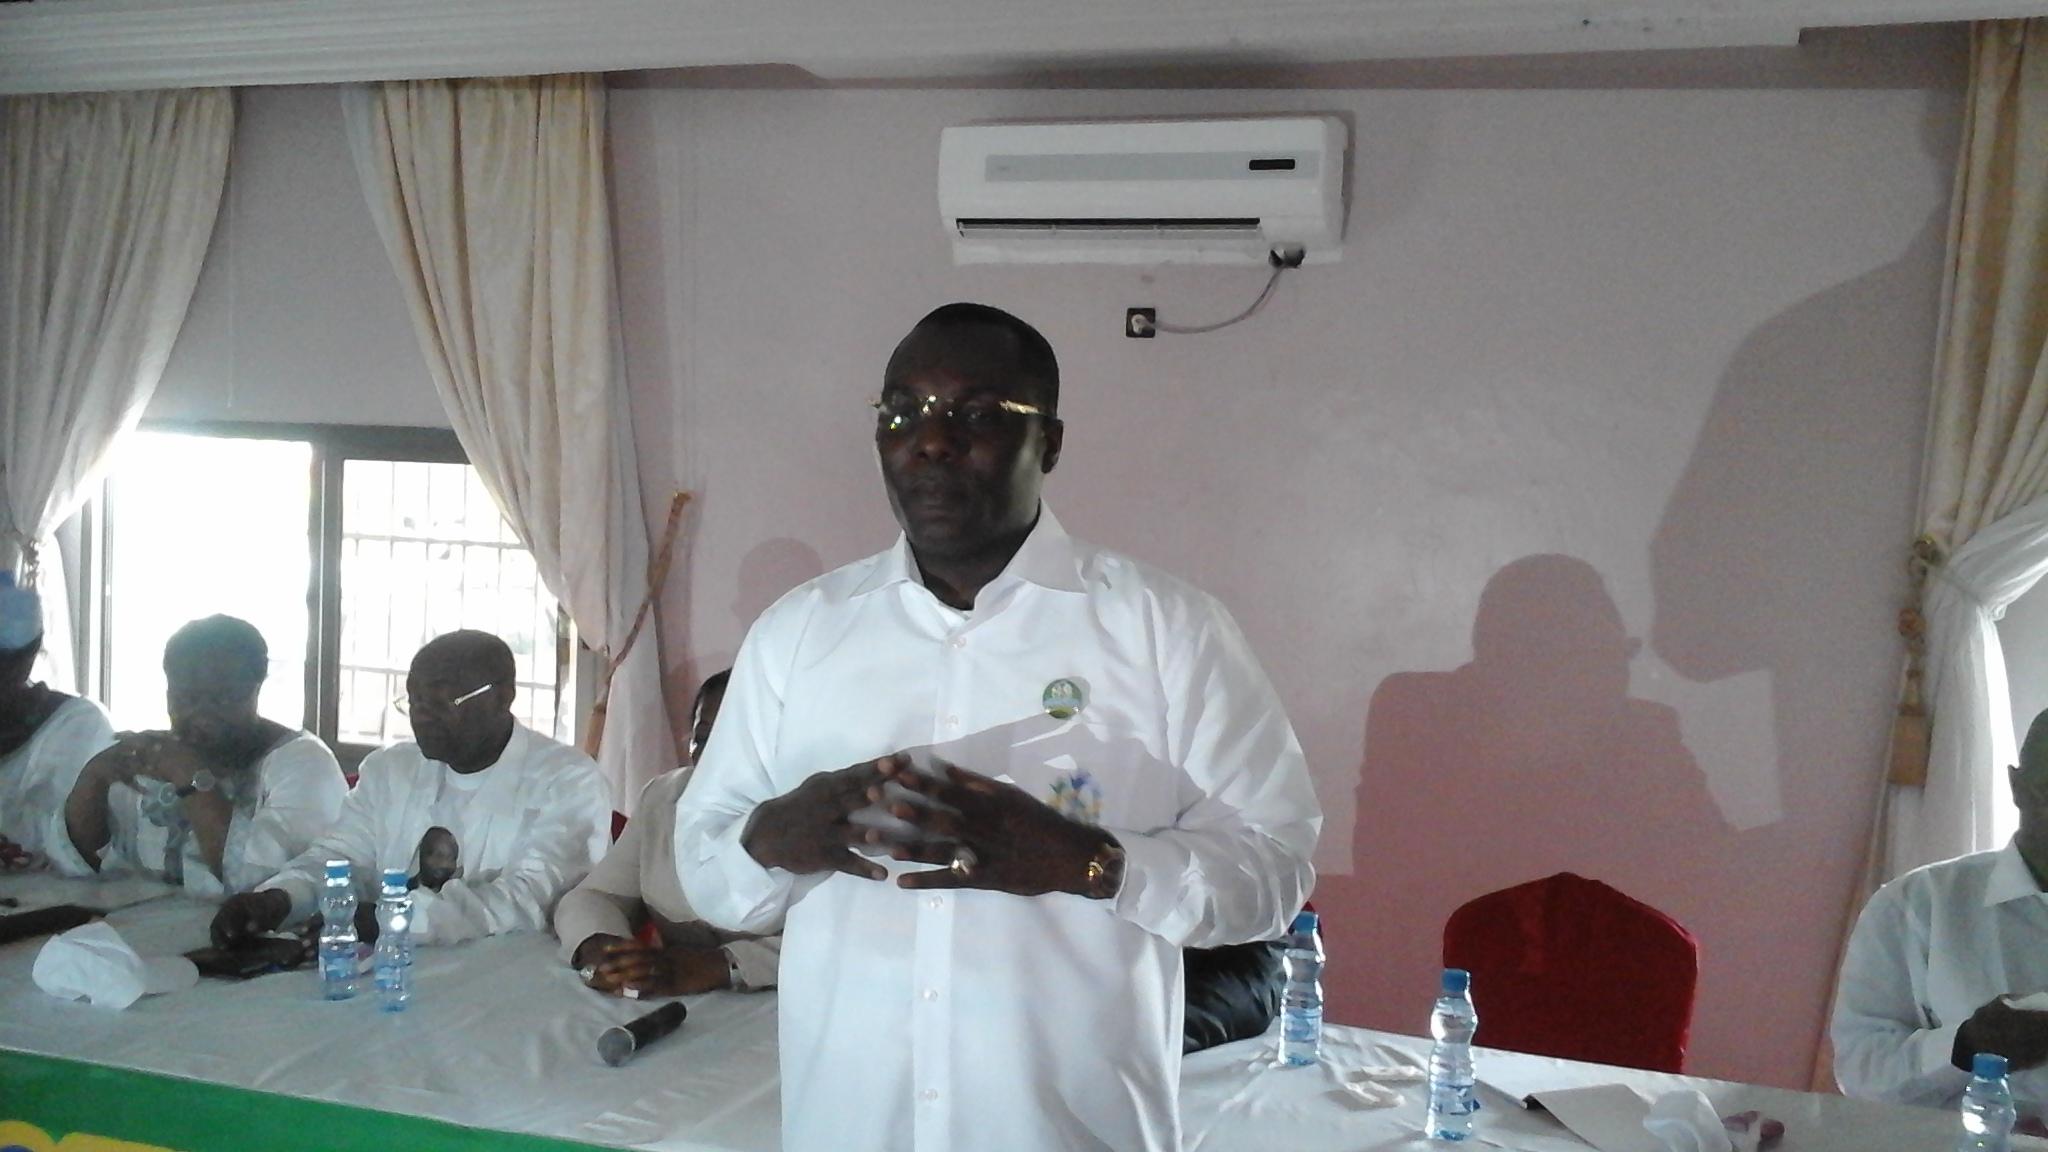 Les écoutes téléphoniques contre Ali Bongo et IBK sont néocolonialistes selon un proche de Bongo